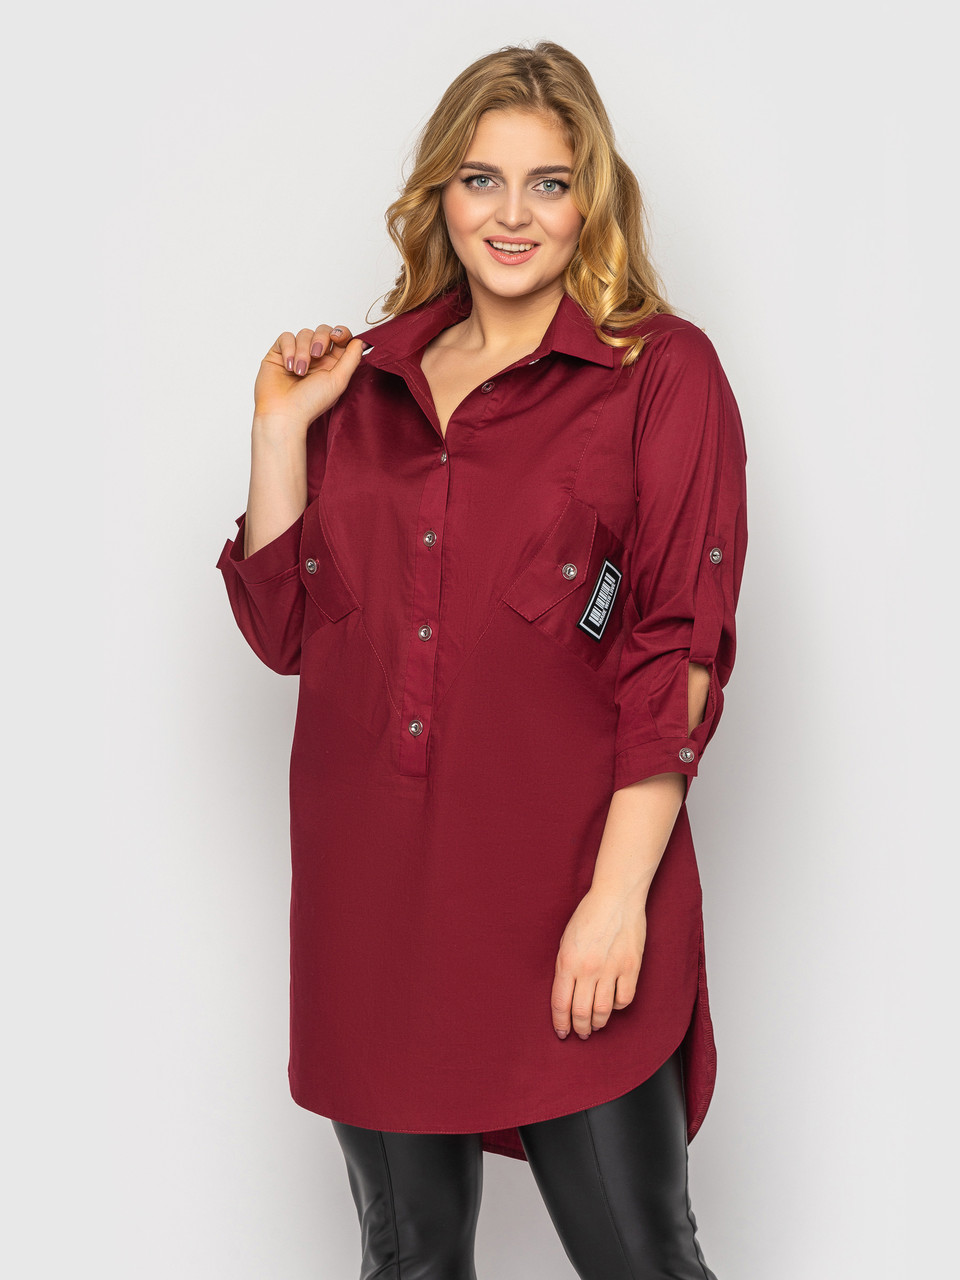 Рубашка женская больших размеров Стиль бордо